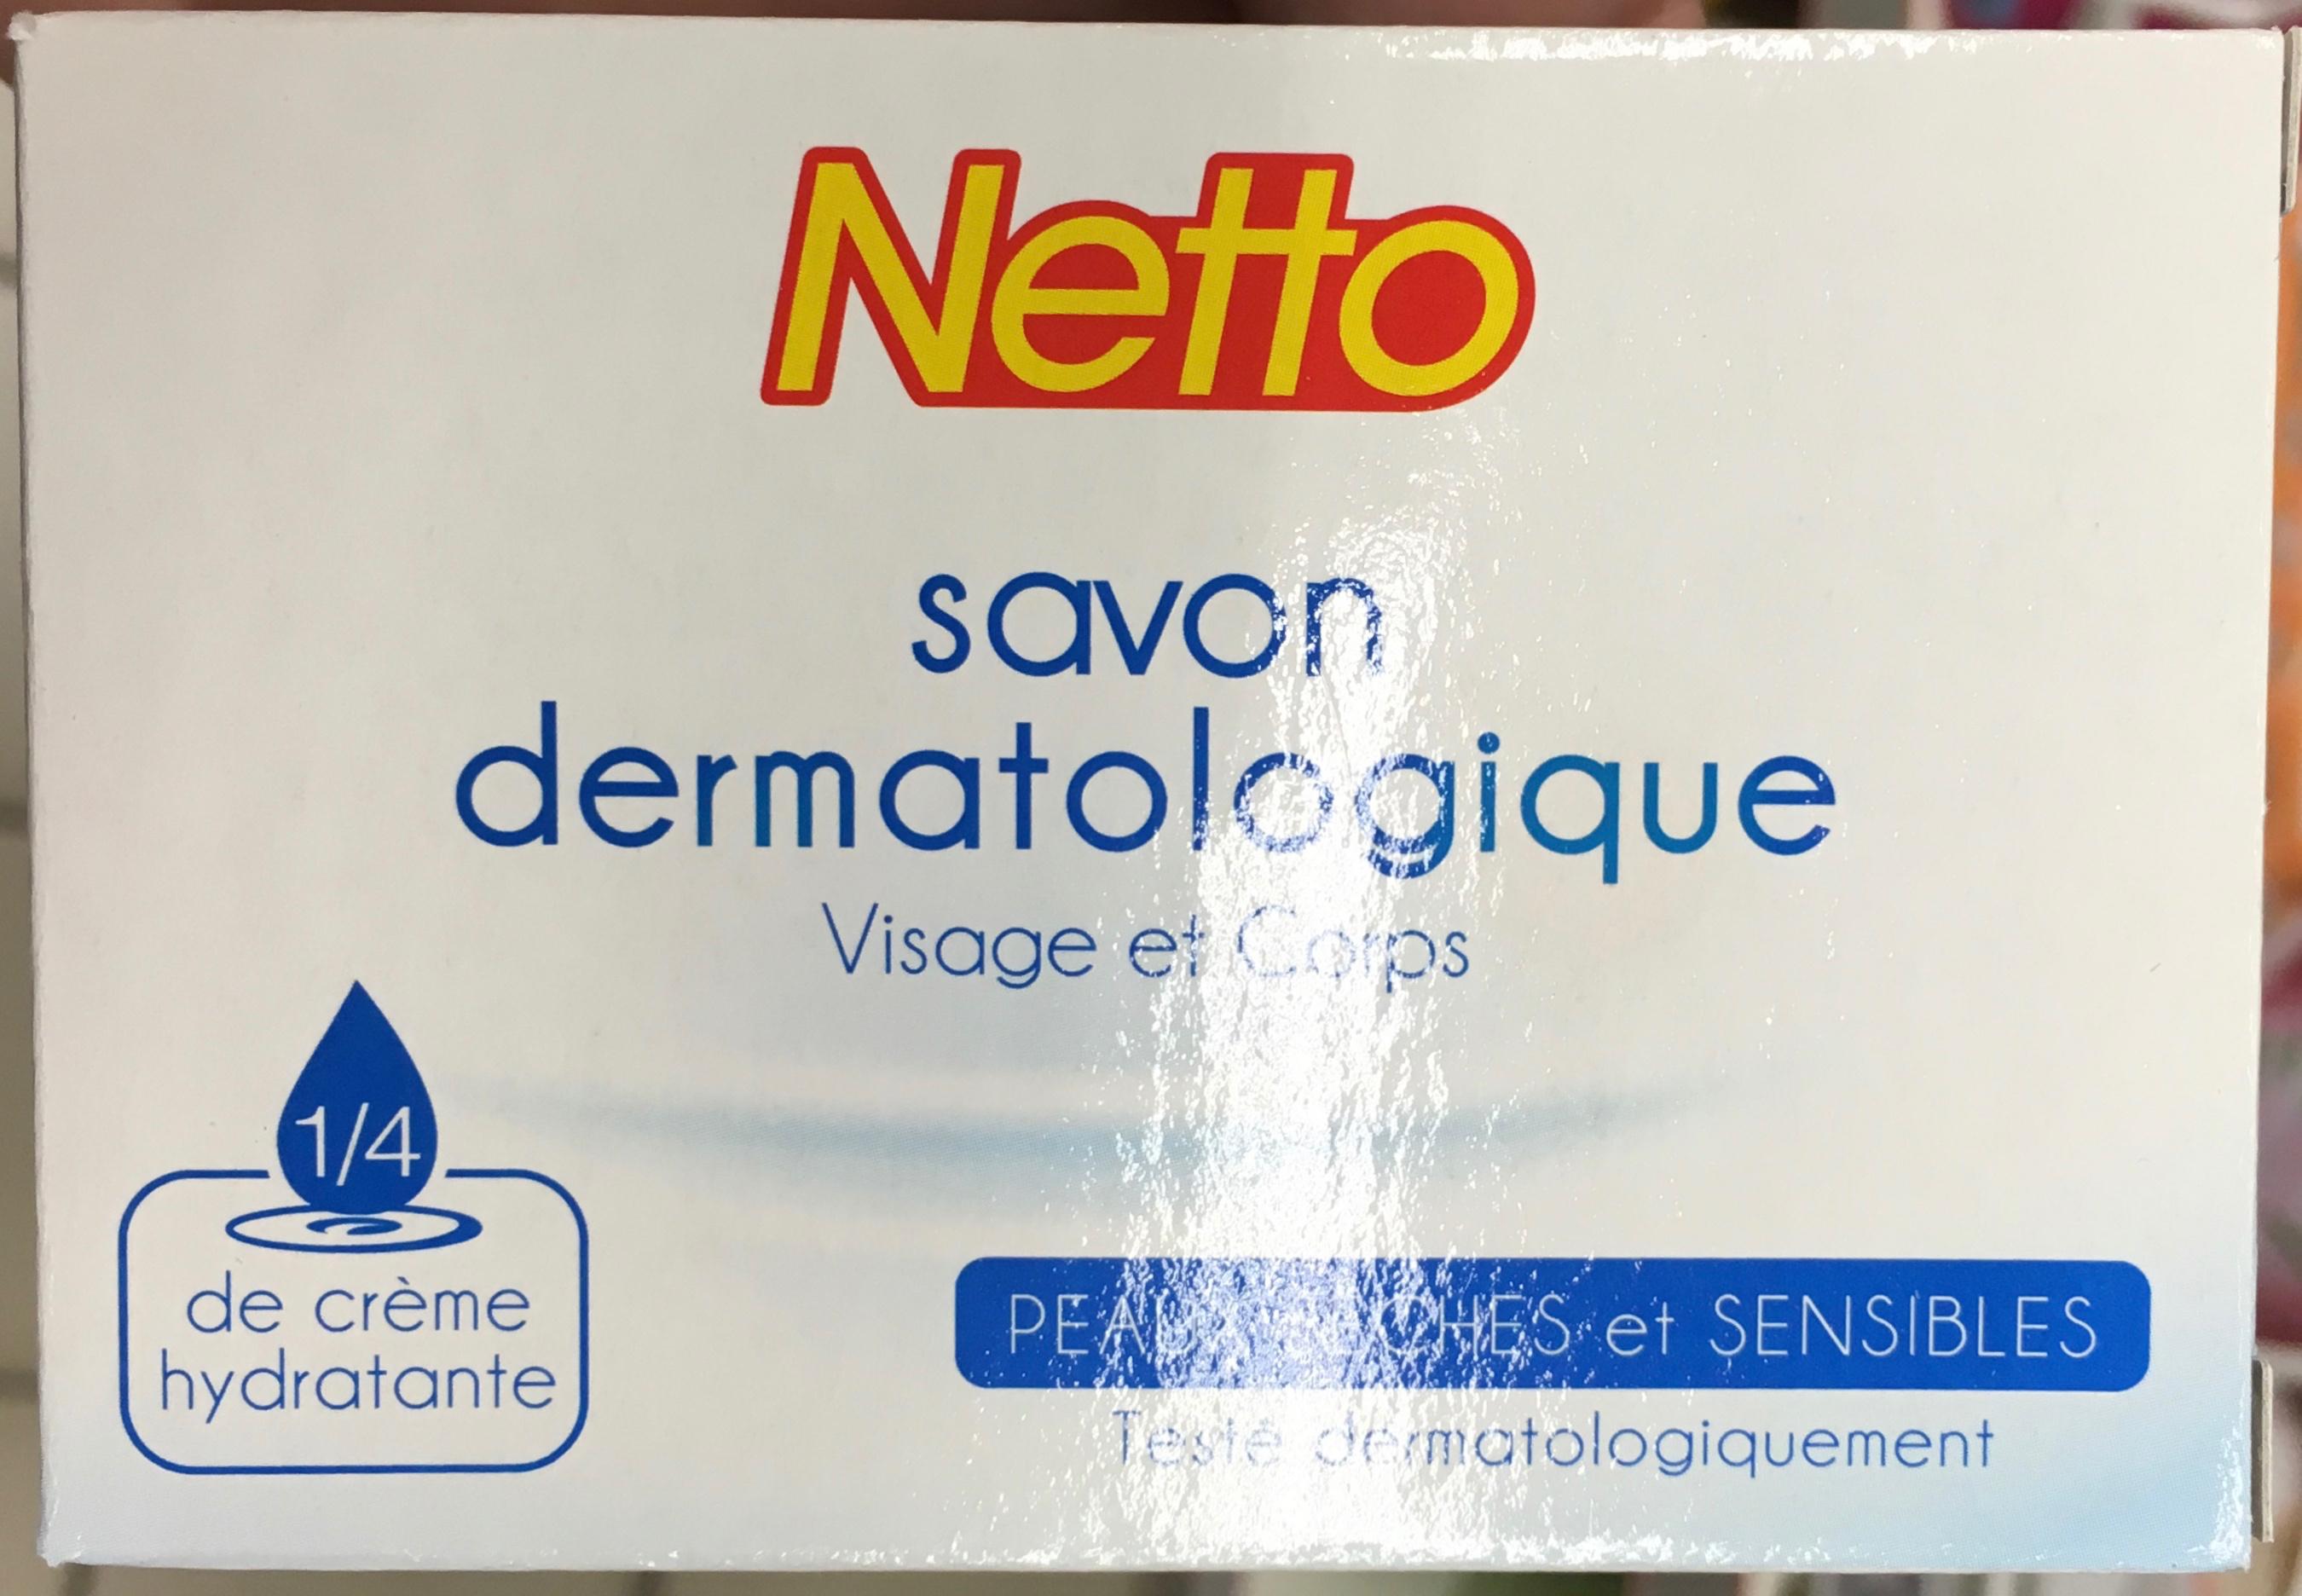 Savon dermatologique - Product - fr